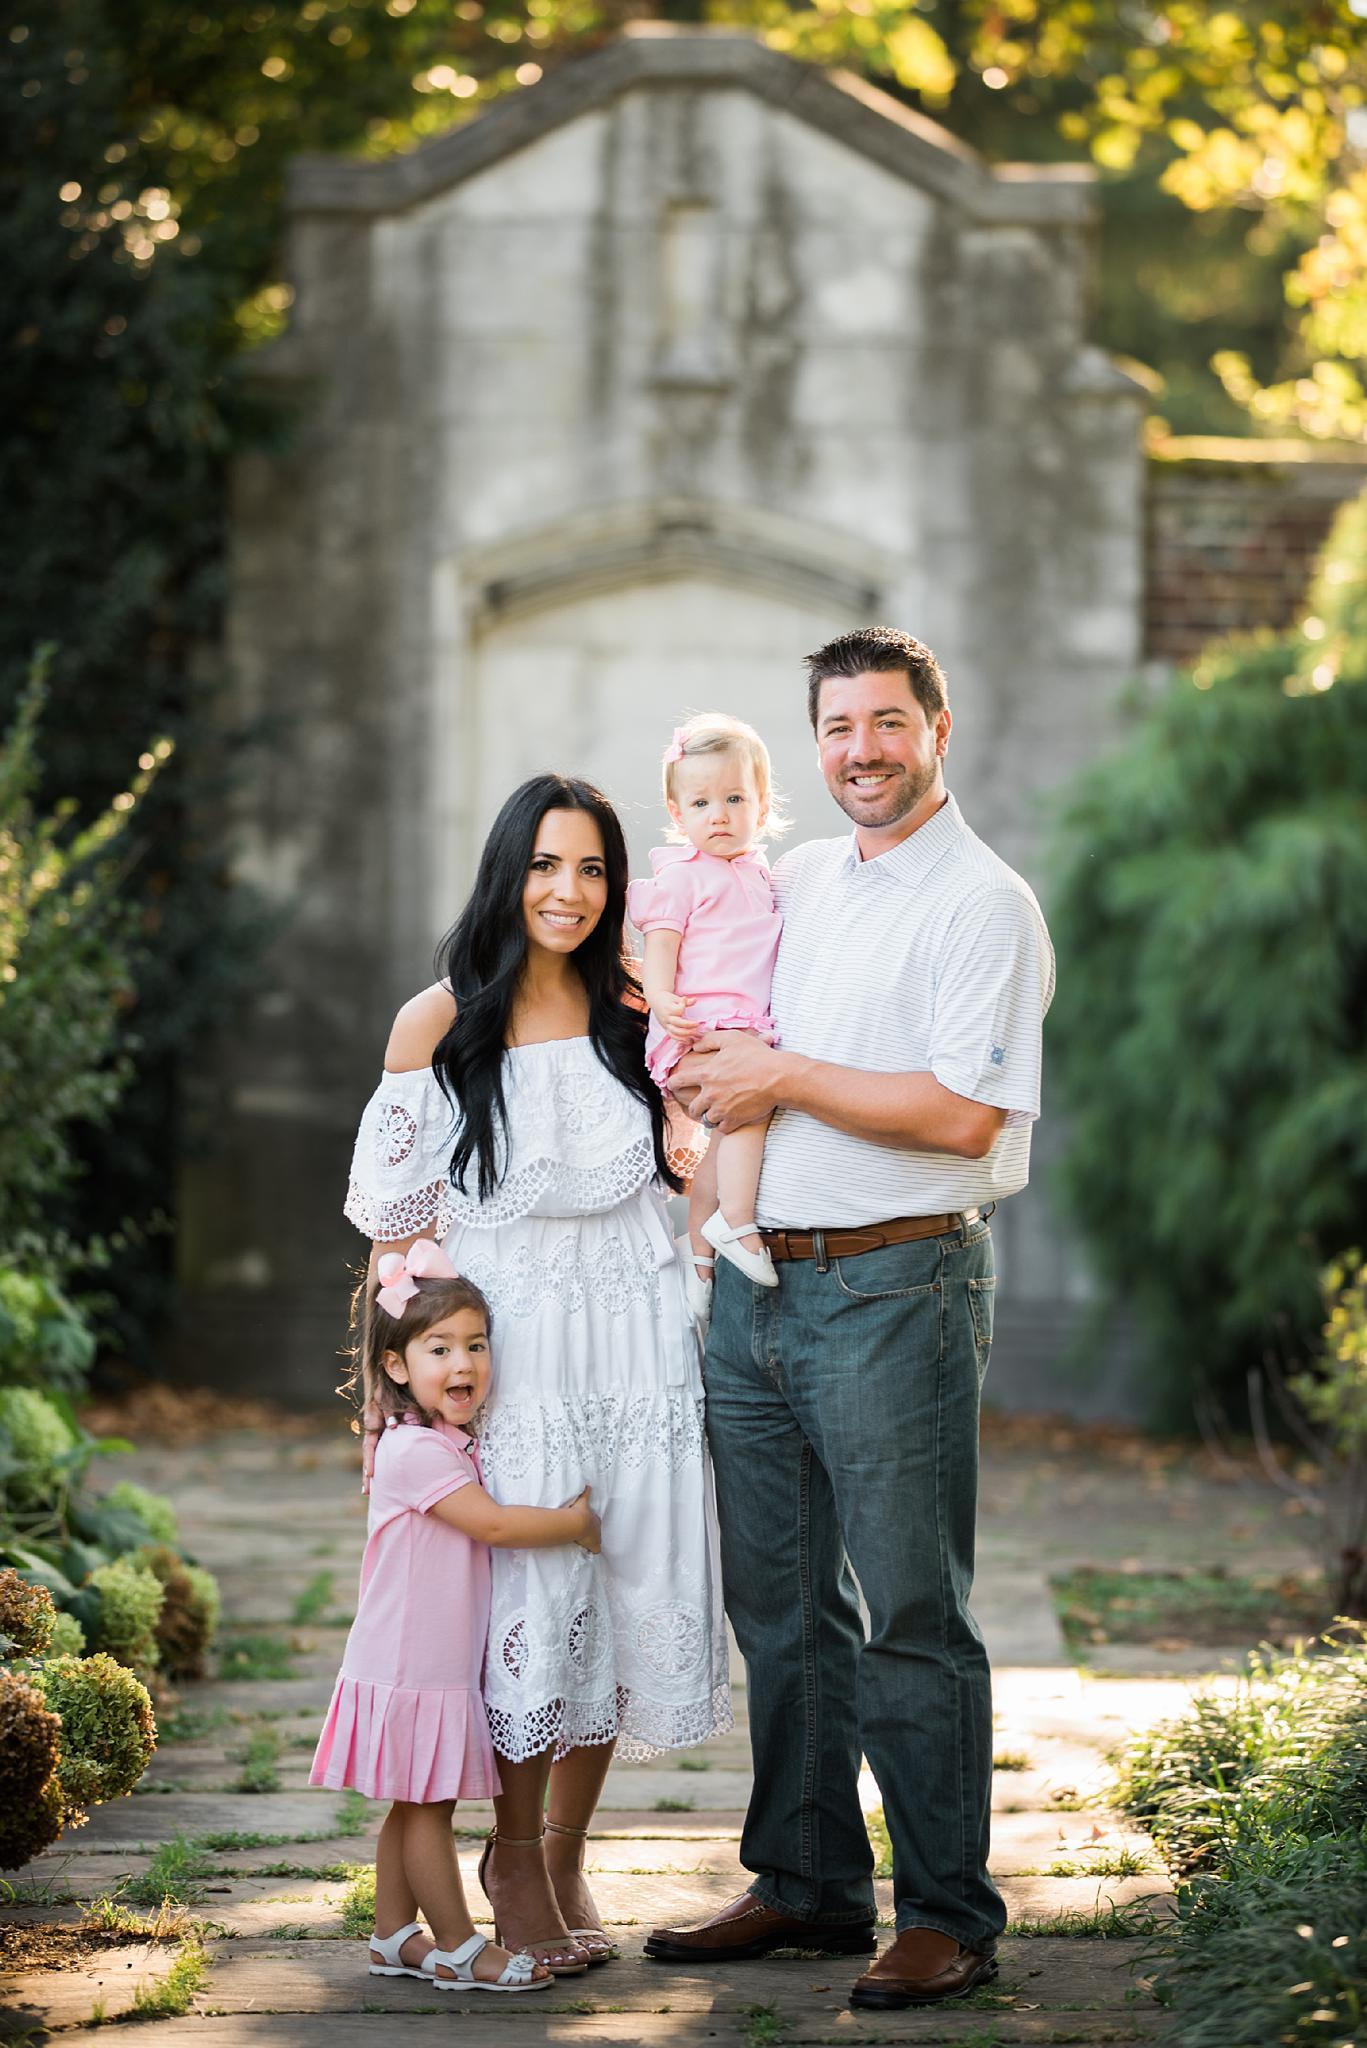 Mellon Park Garden Family Photography Pittsburgh Rachel Rossetti_0089.jpg